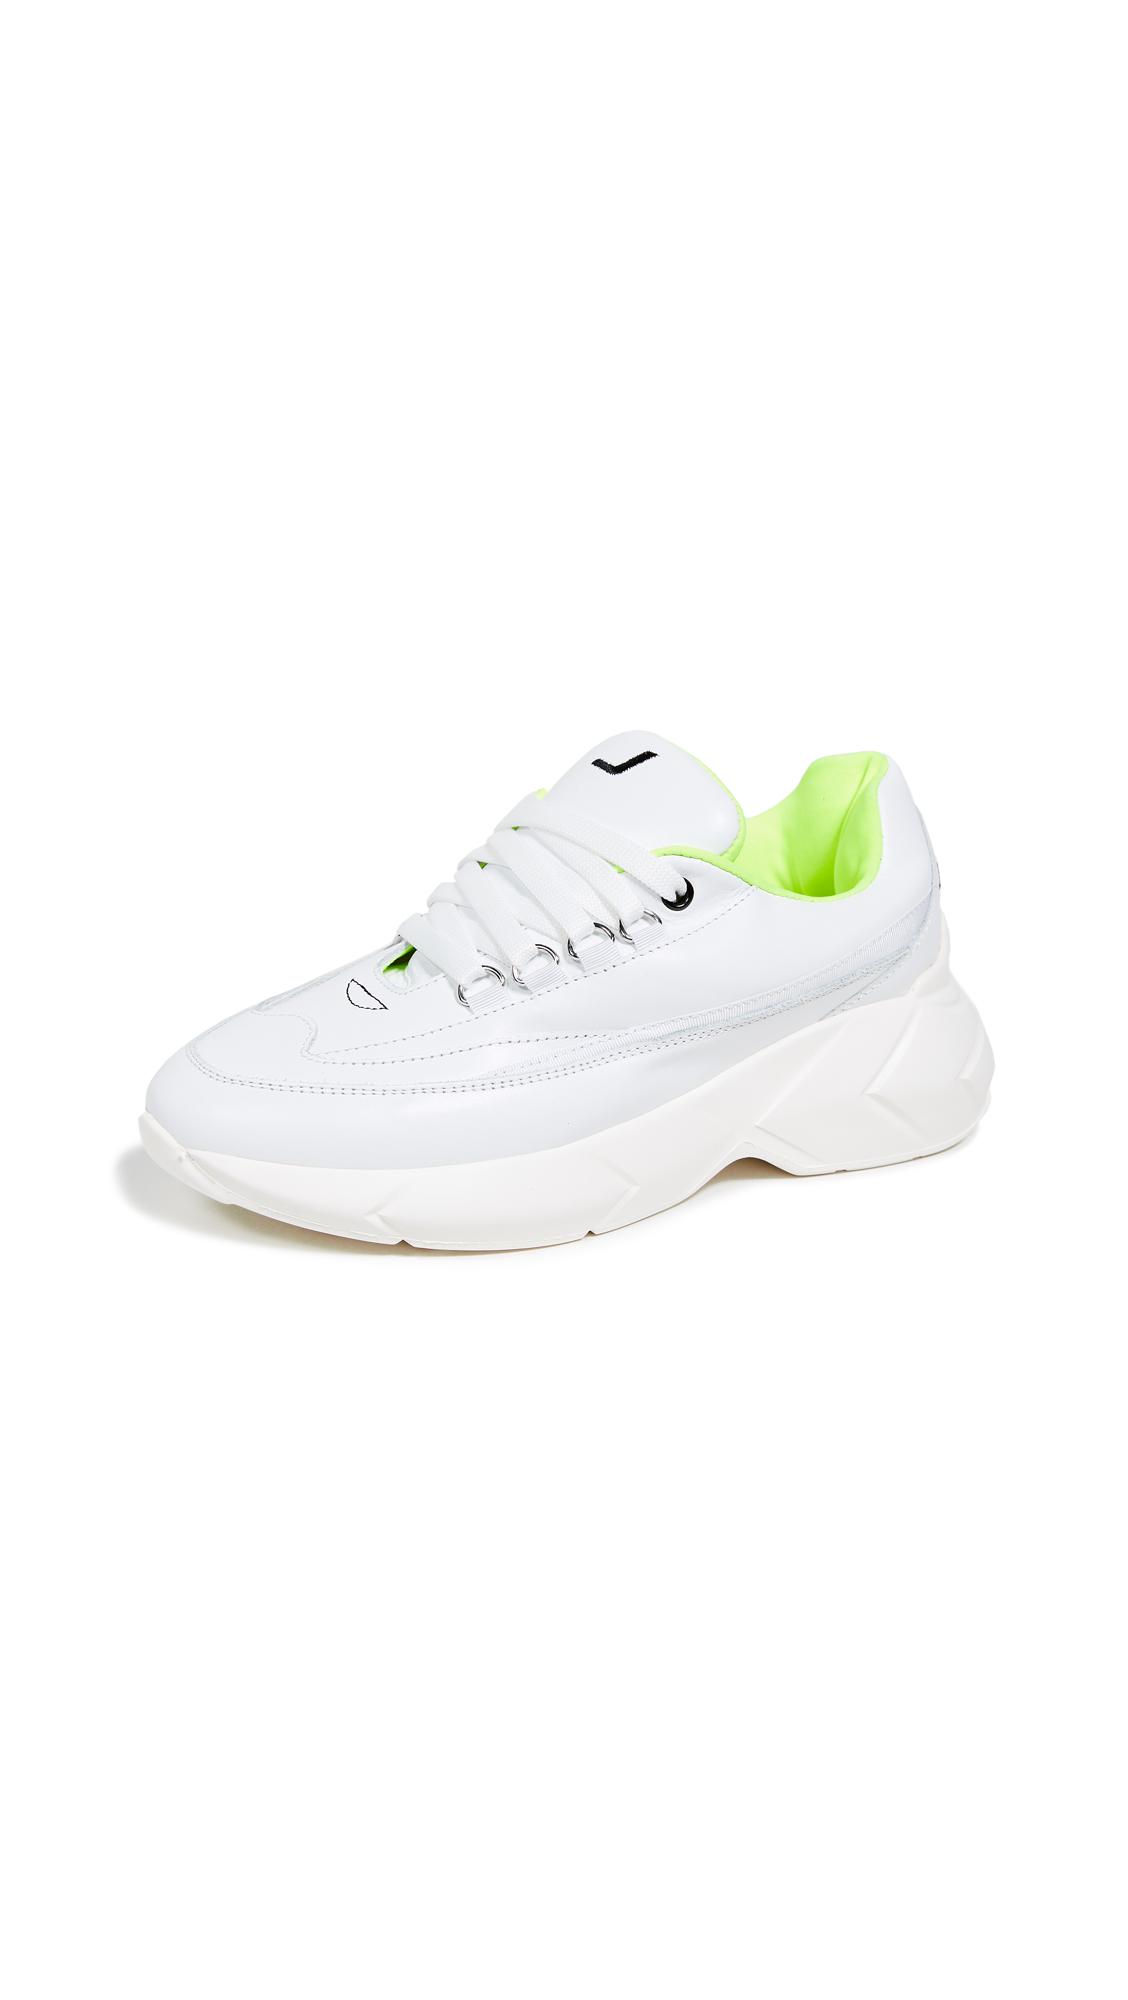 Joshua Sanders Iso Sneakers - Iso Var